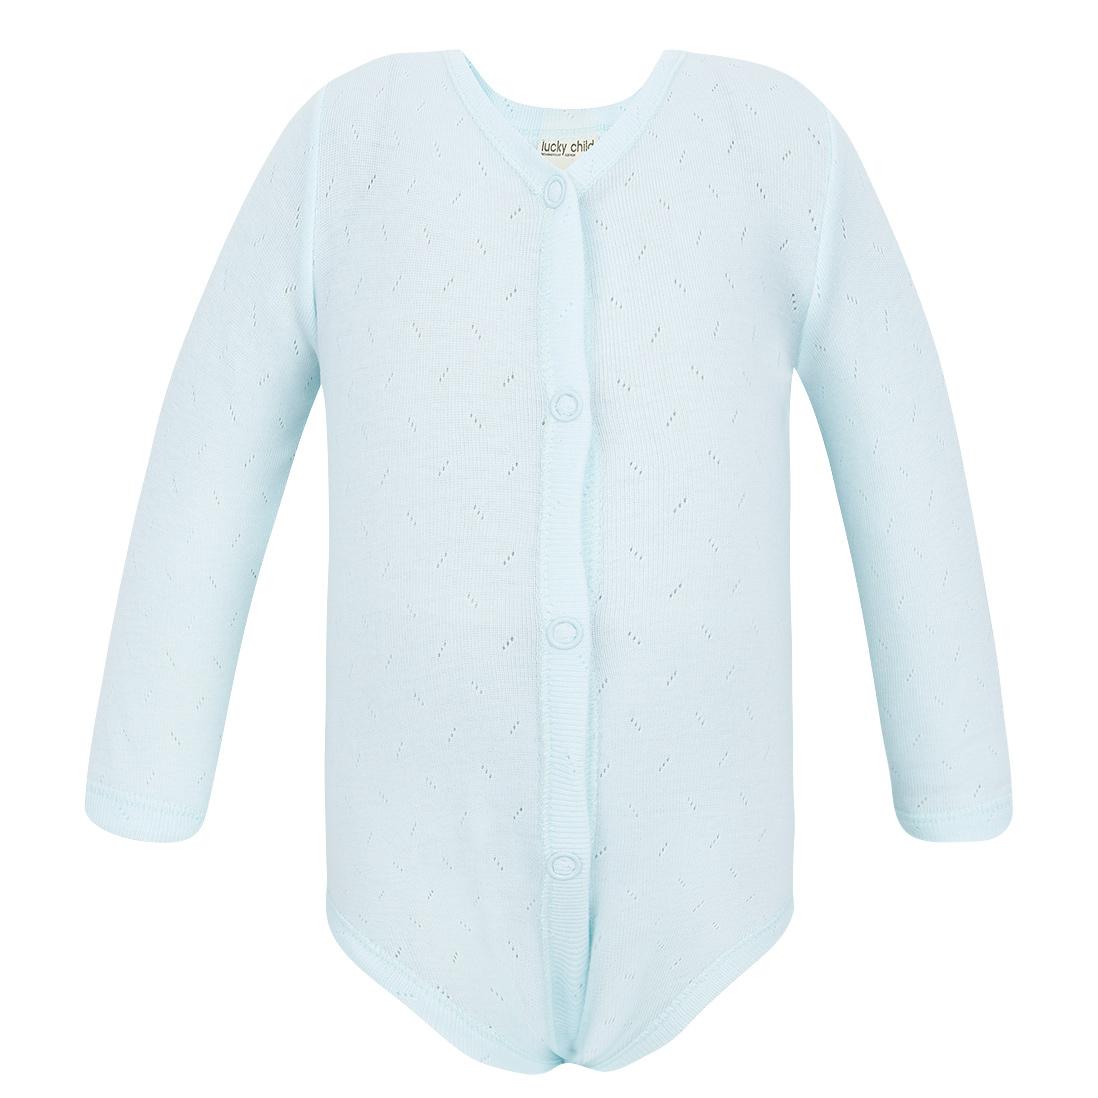 Фото - Боди Lucky Child Ажур голубой 74-80 футболка lucky child ажур белая 74 80